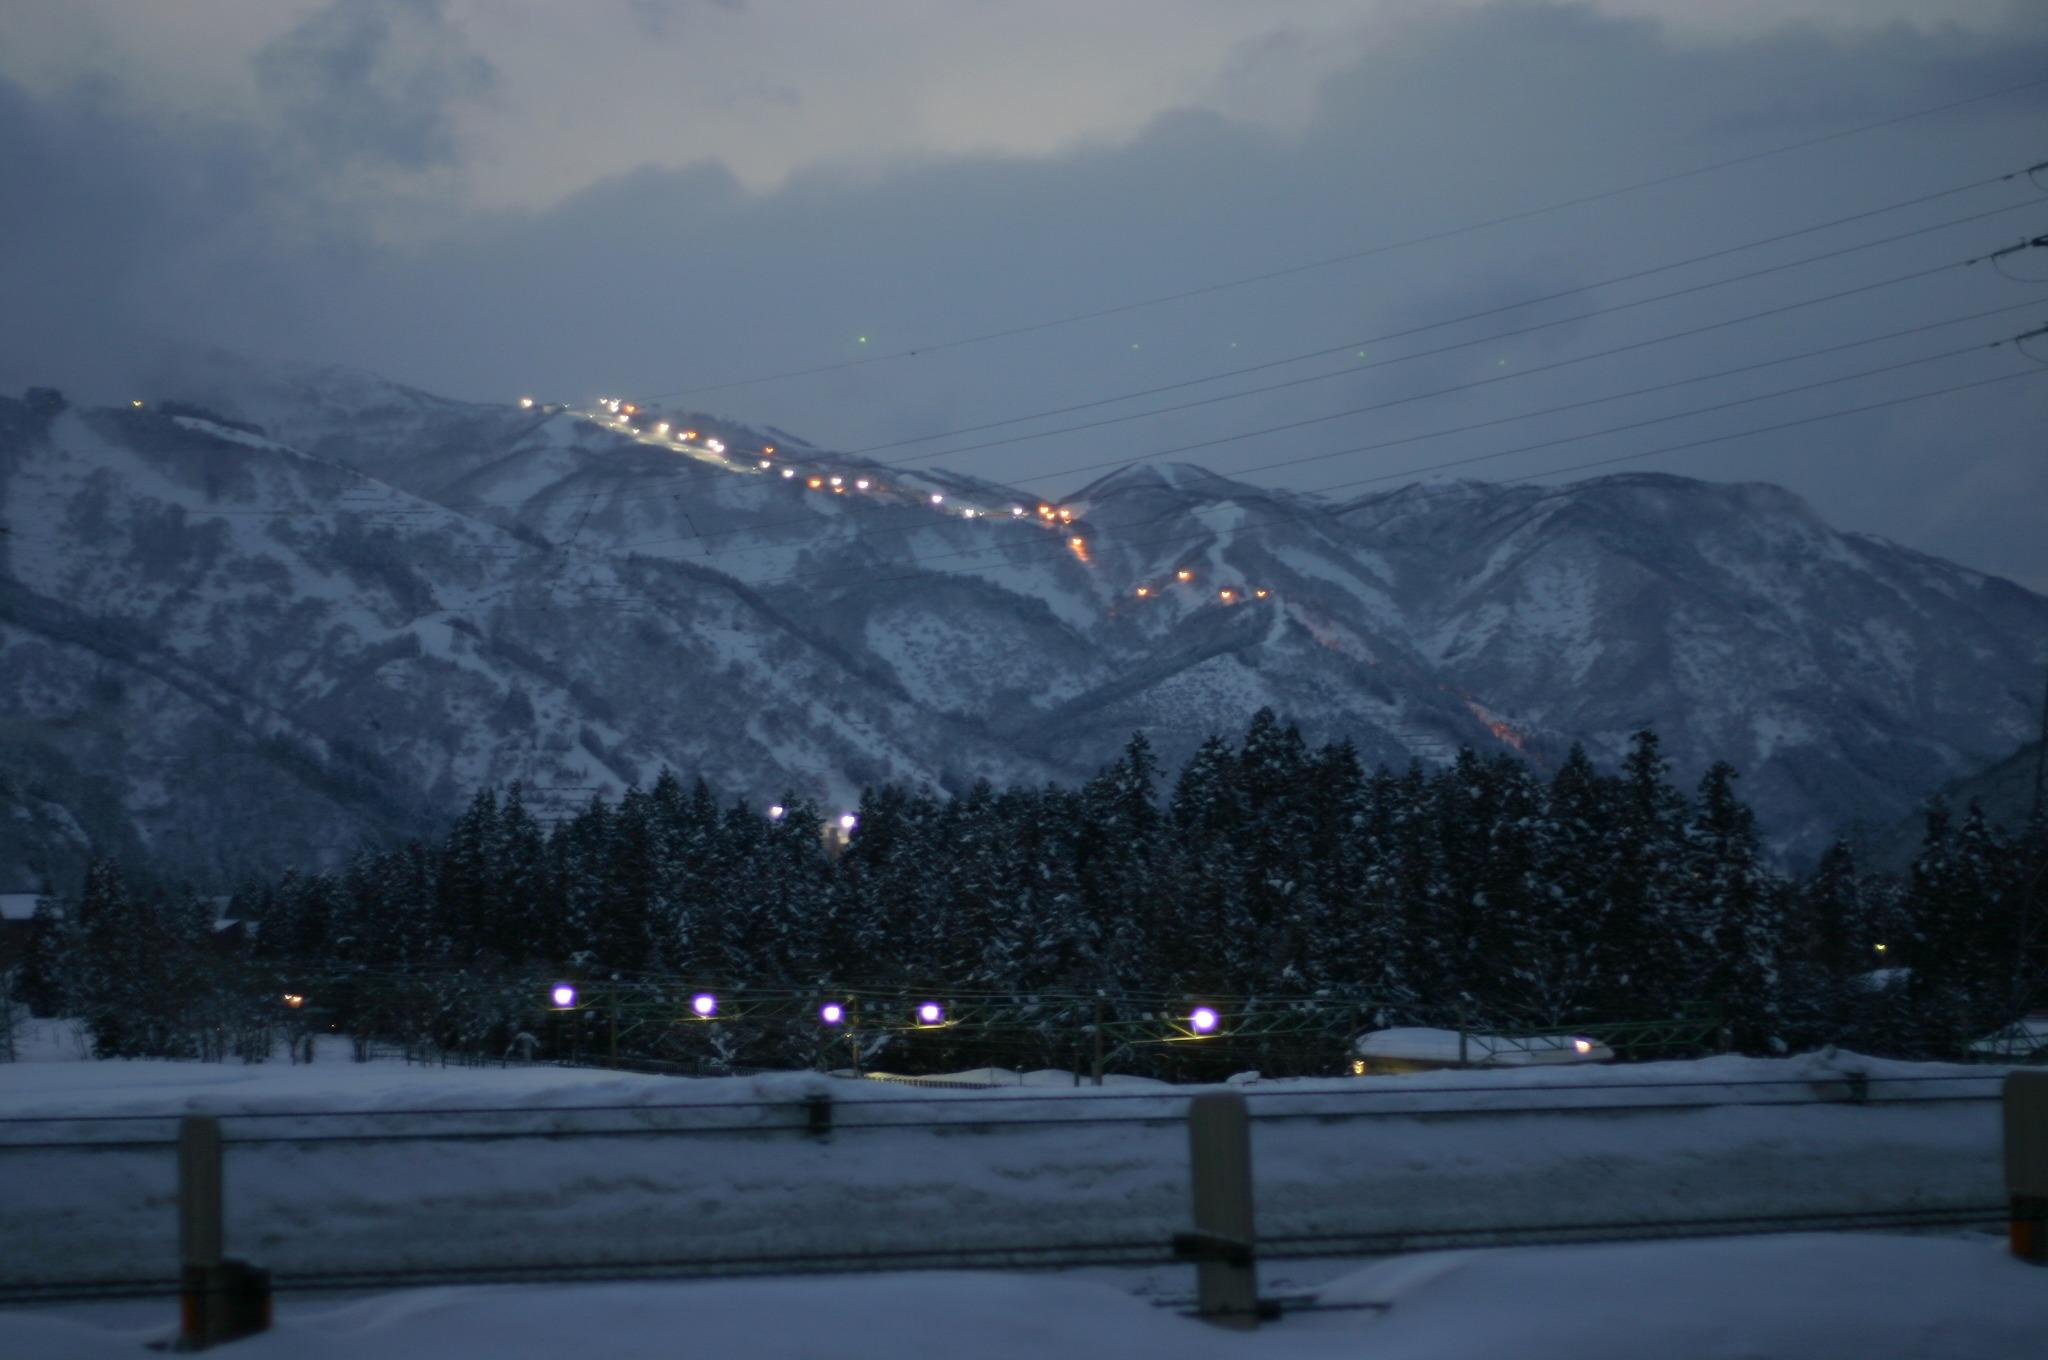 夕暮れ時にスキー場を